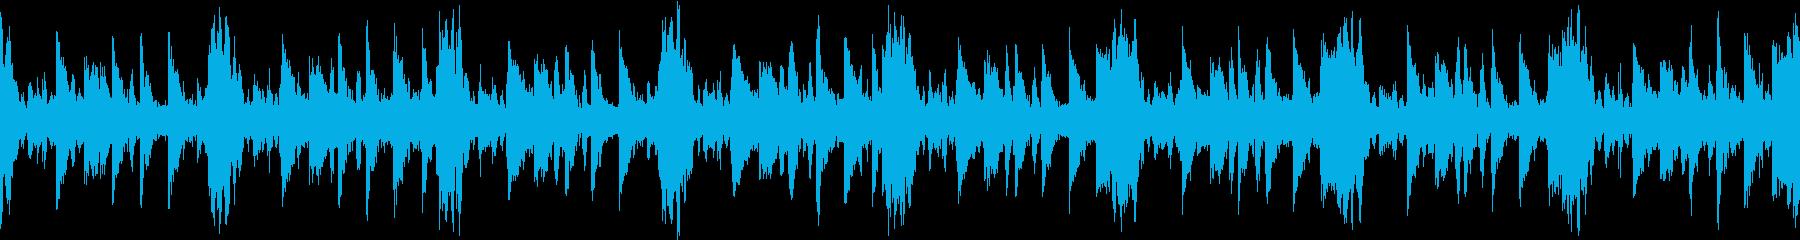 インダストリアルな雰囲気のビートの再生済みの波形